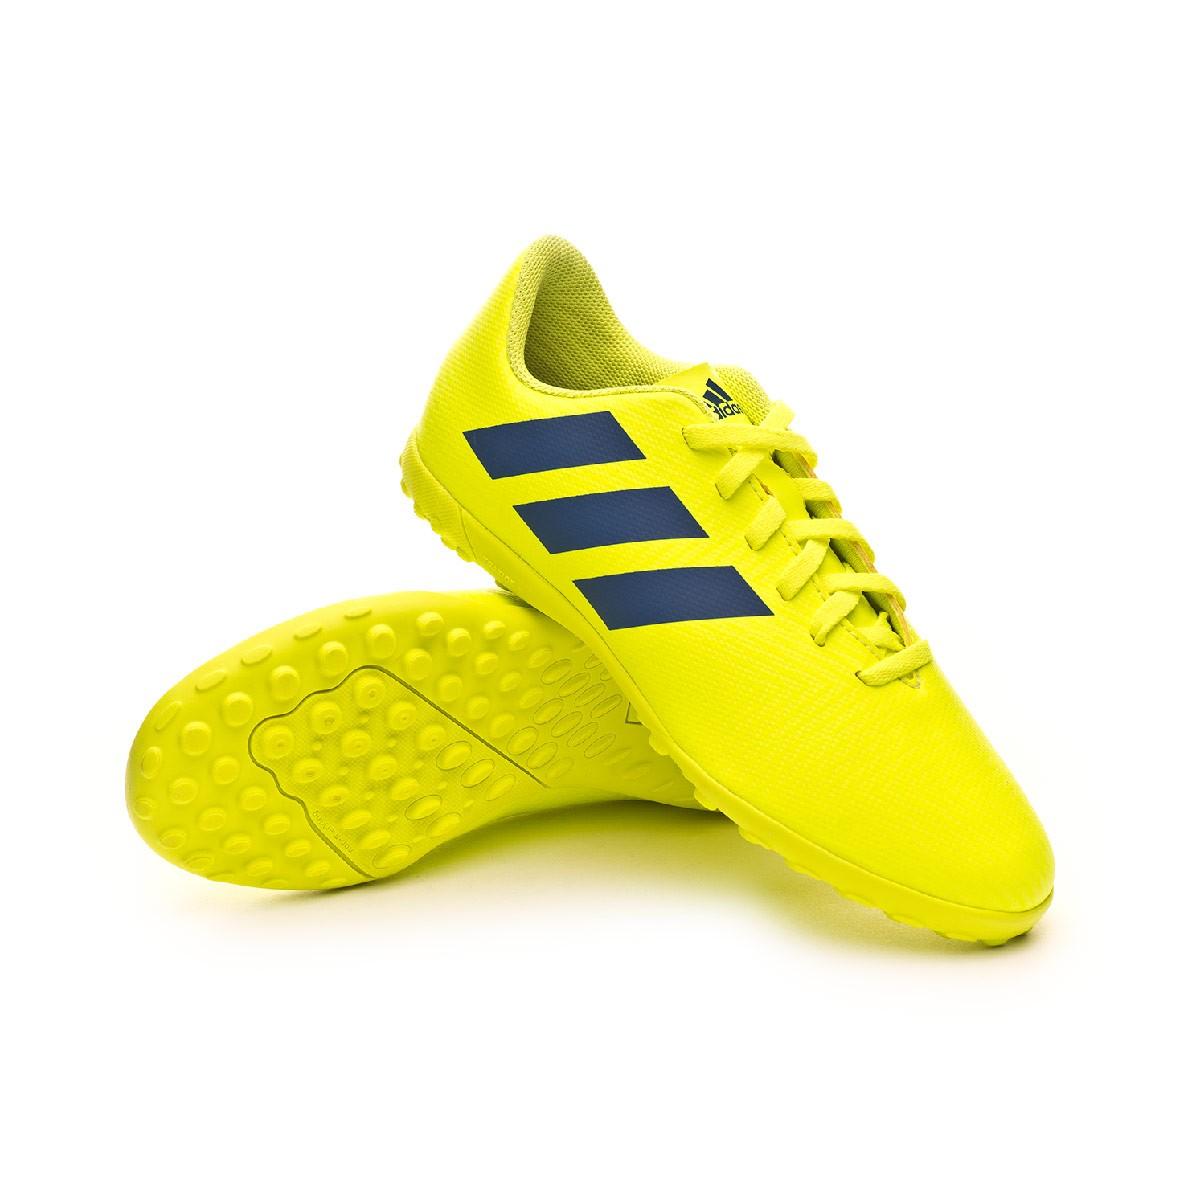 en pies imágenes de disfrute del envío de cortesía variedades anchas Football Boot adidas Nemeziz 18.4 Turf Niño Solar yellow-Football ...